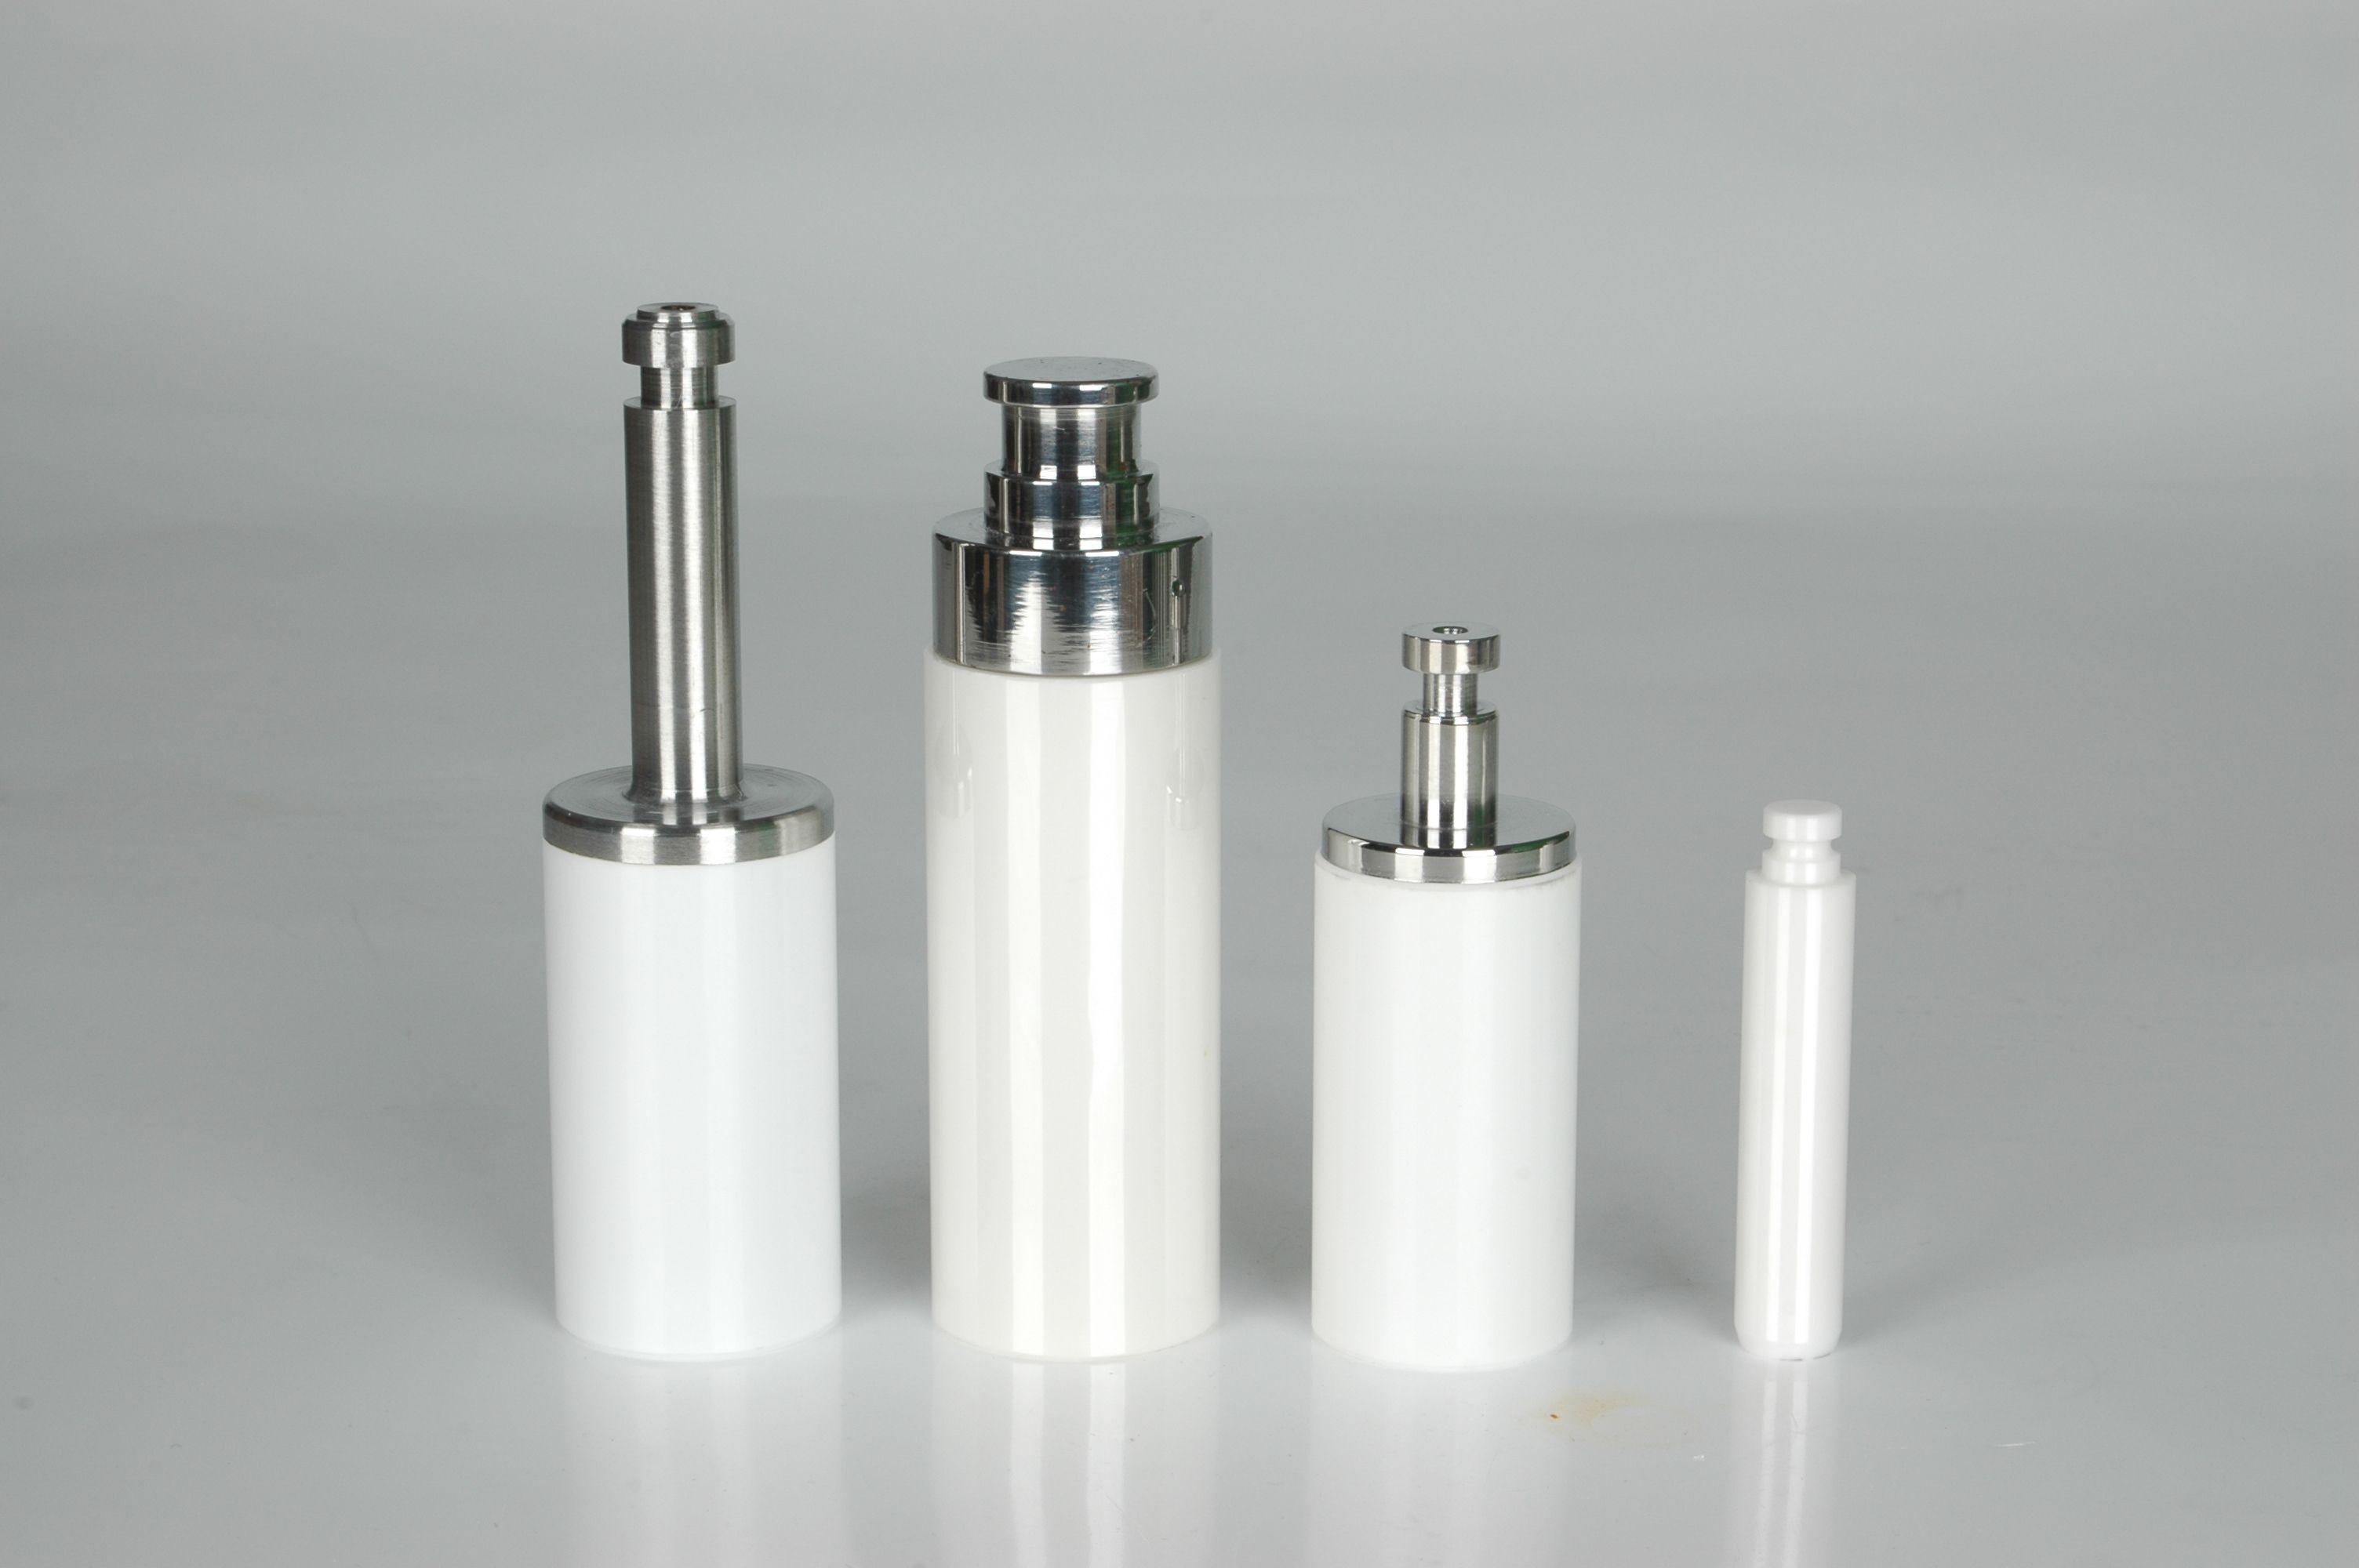 High Pressure Pump Zirconia Ceramic Plunger